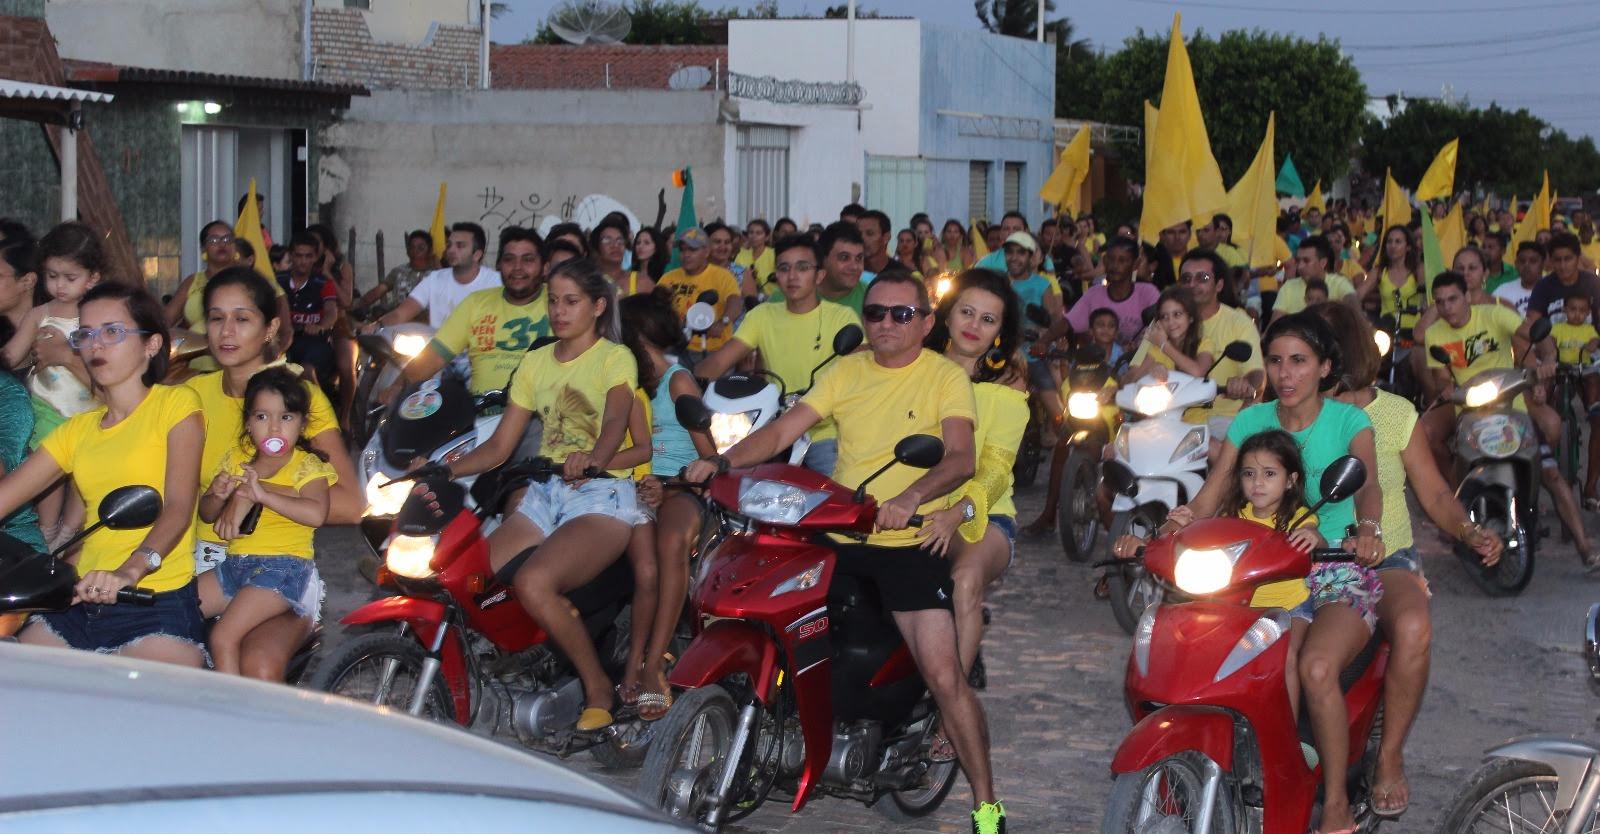 Motorreata e bicicleteada    tomaram conta das ruas da cidade na tarde de ontem